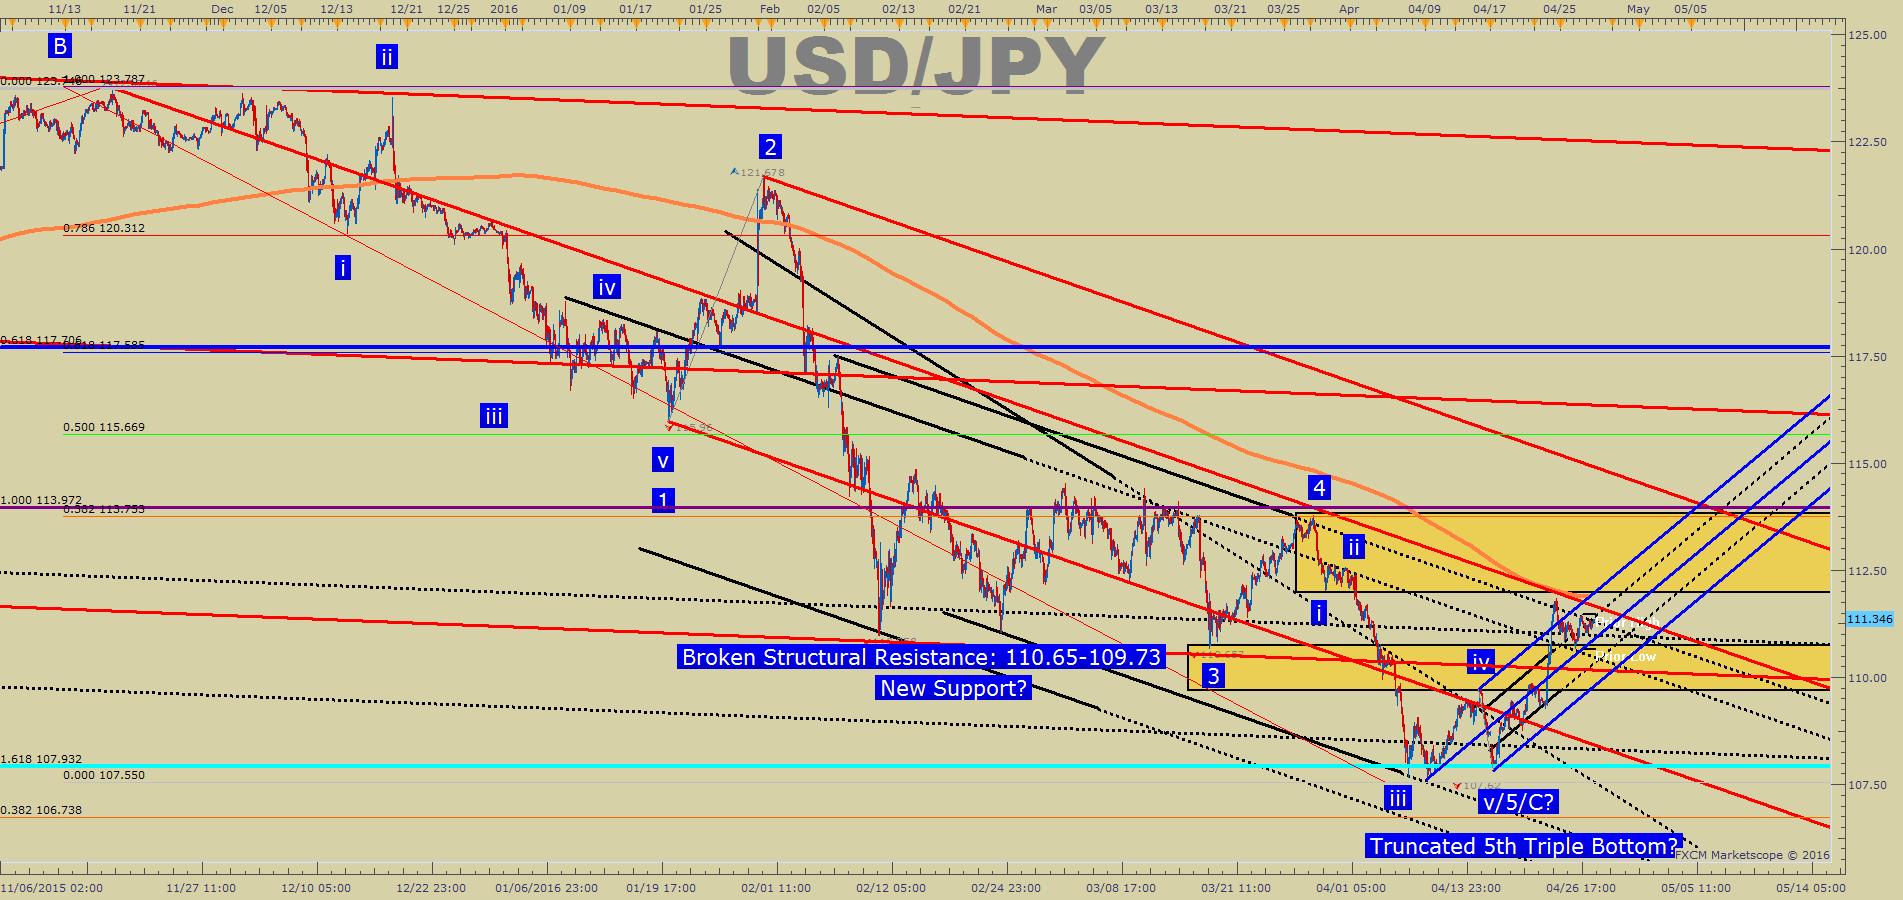 Usd jpy forex analysis